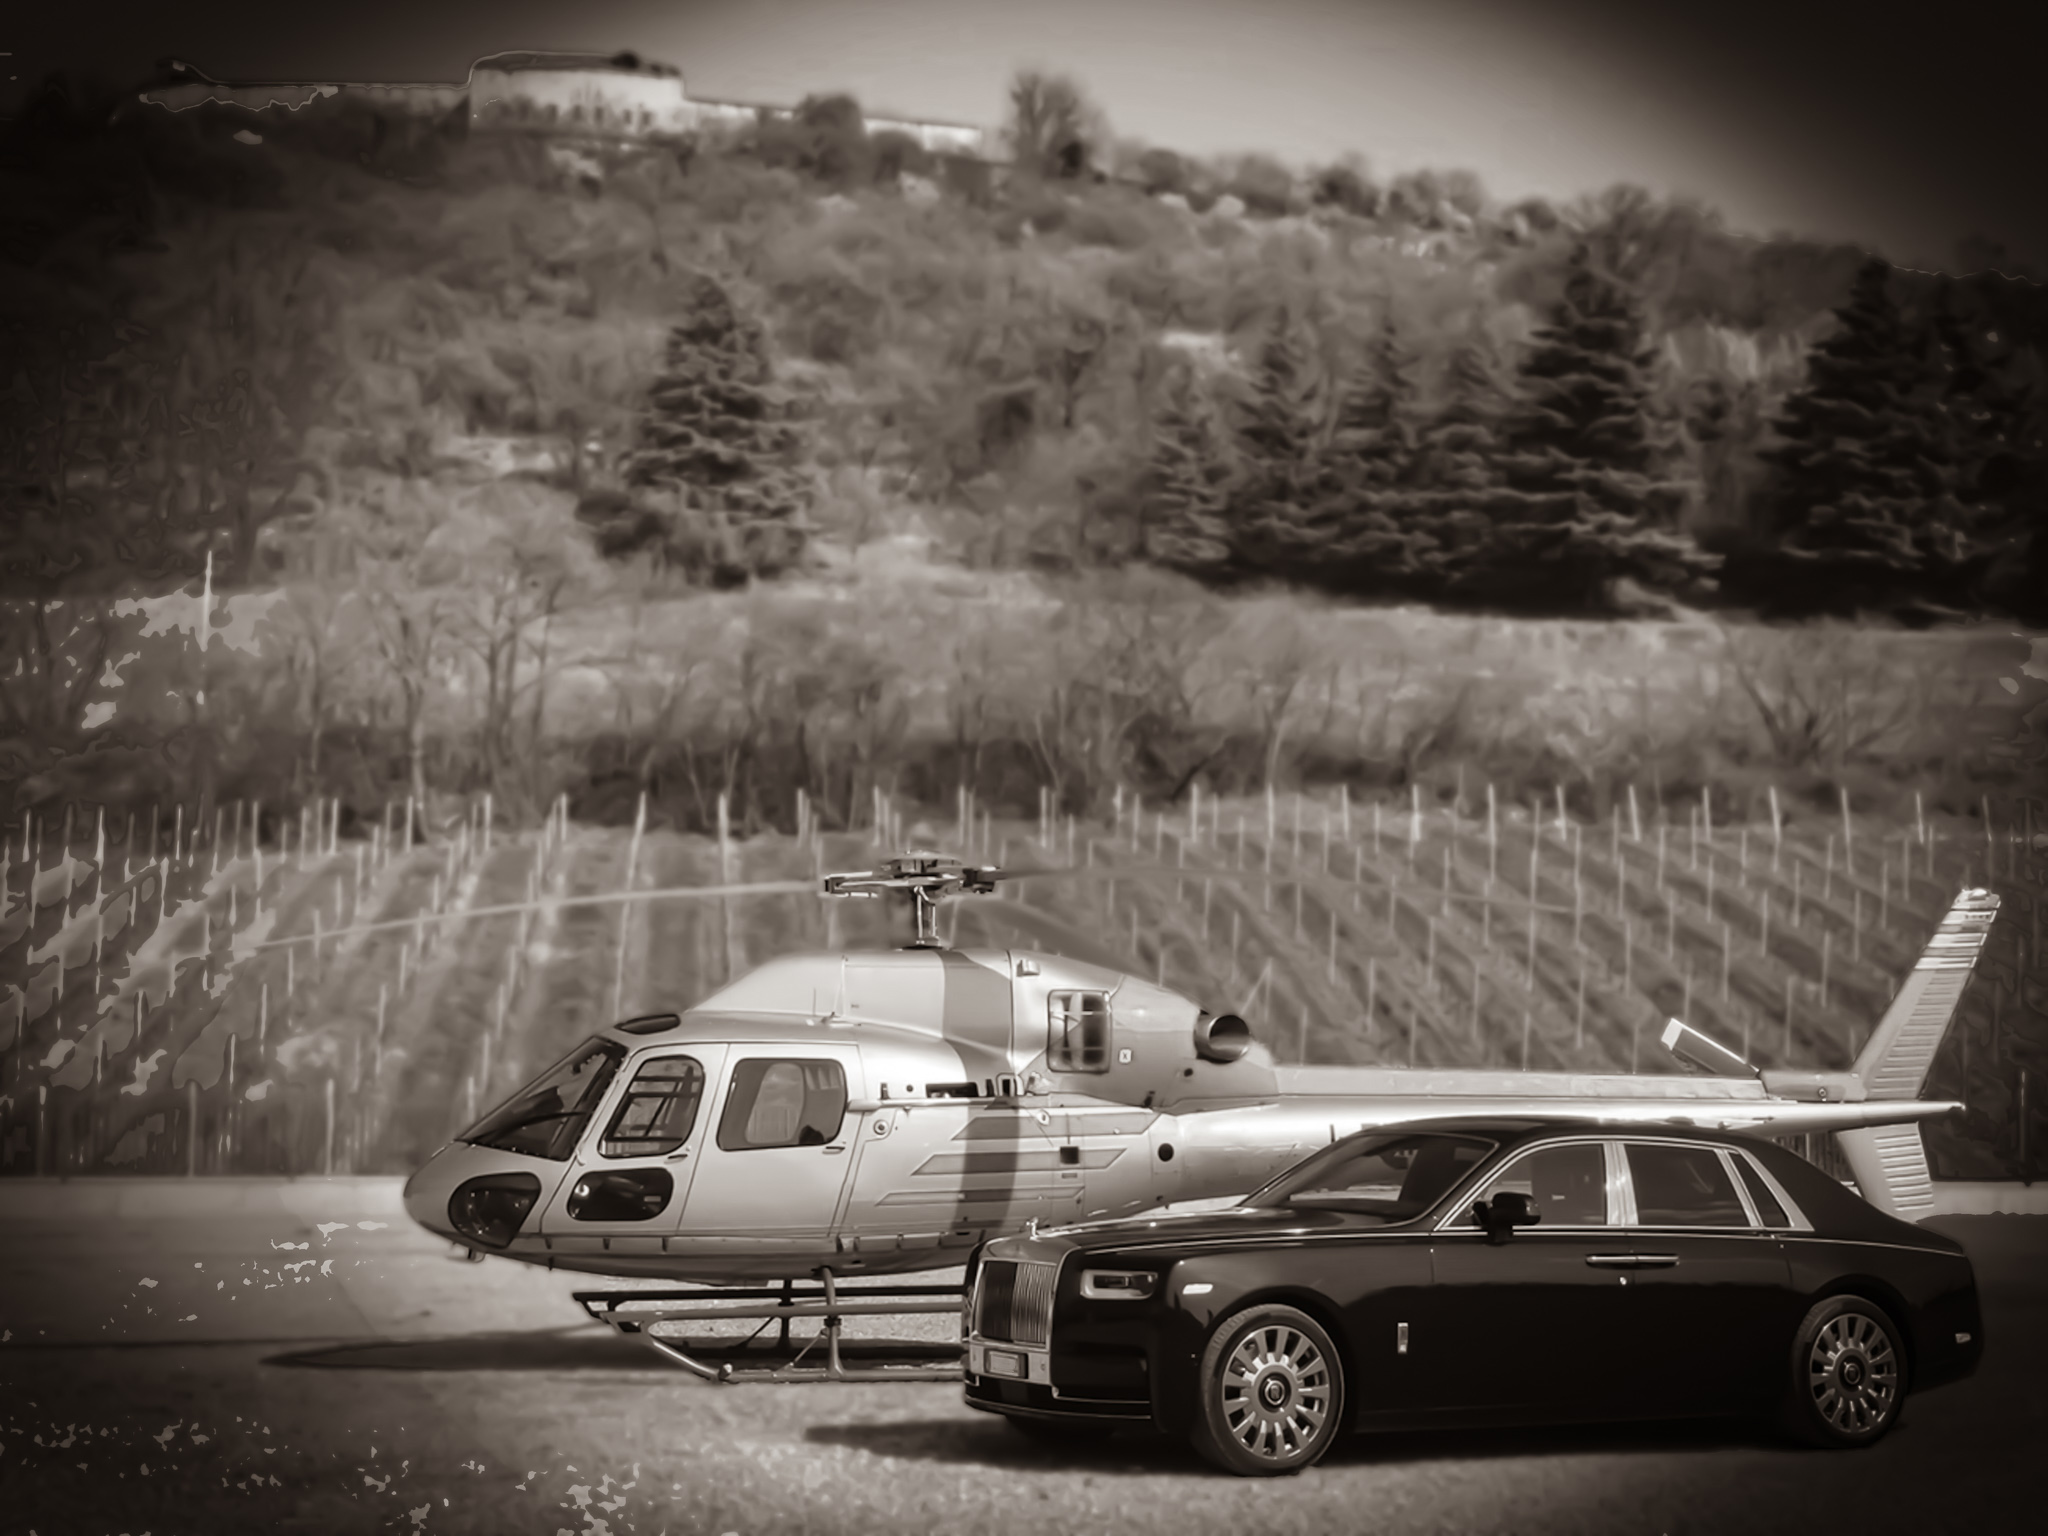 Servizio di Noleggio Elicottero Venicejets